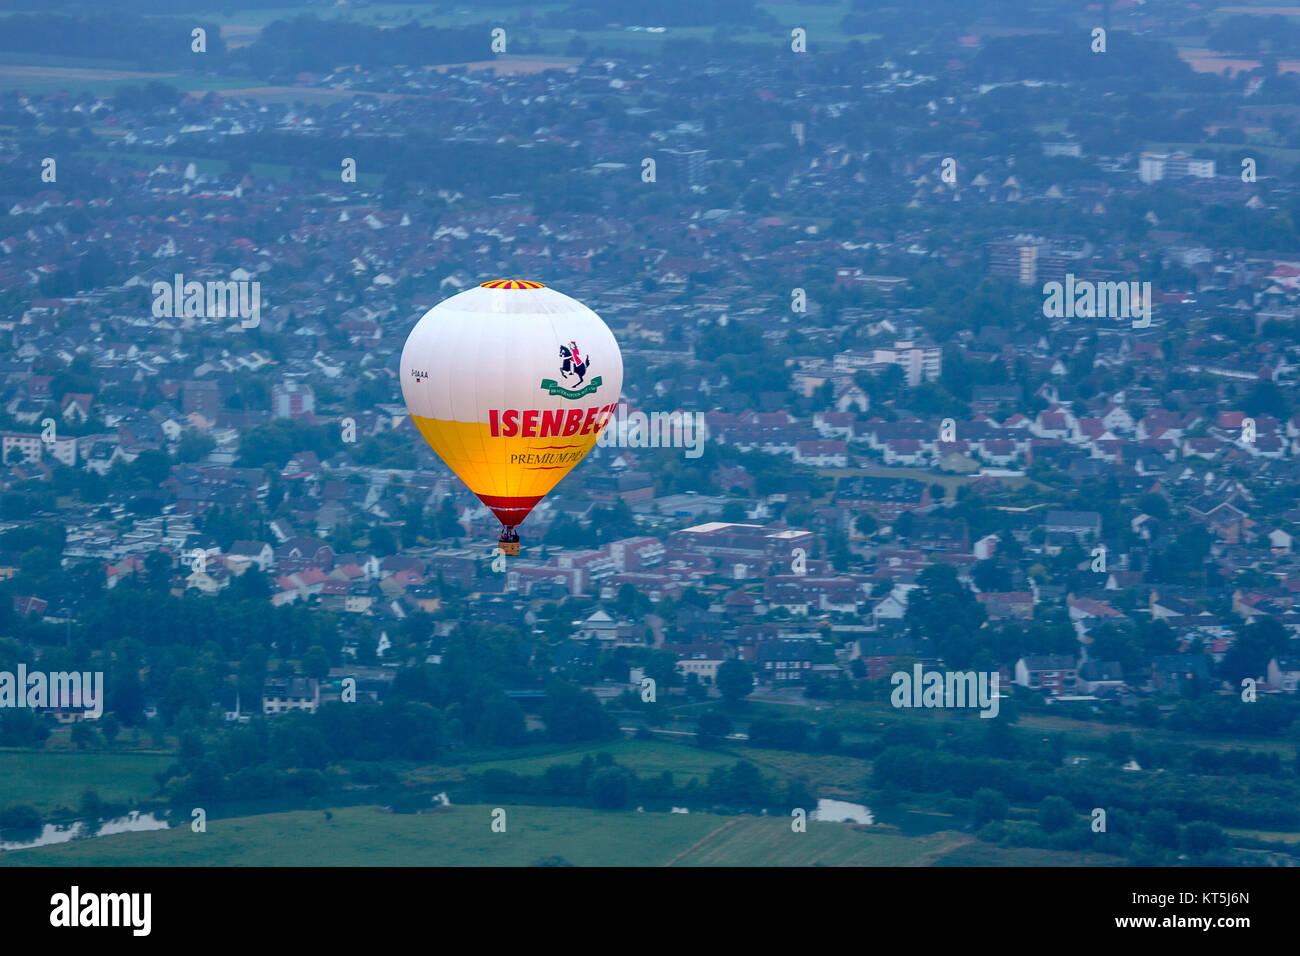 Heißluft-Ballon, Ballonfahrt über den Hammer Osten, Ballon Sport, Hamm, Ruhrgebiet, Nordrhein-Westfalen, Deutschland, Europa, Ruhrgebiet, Europa, aeri Stockfoto